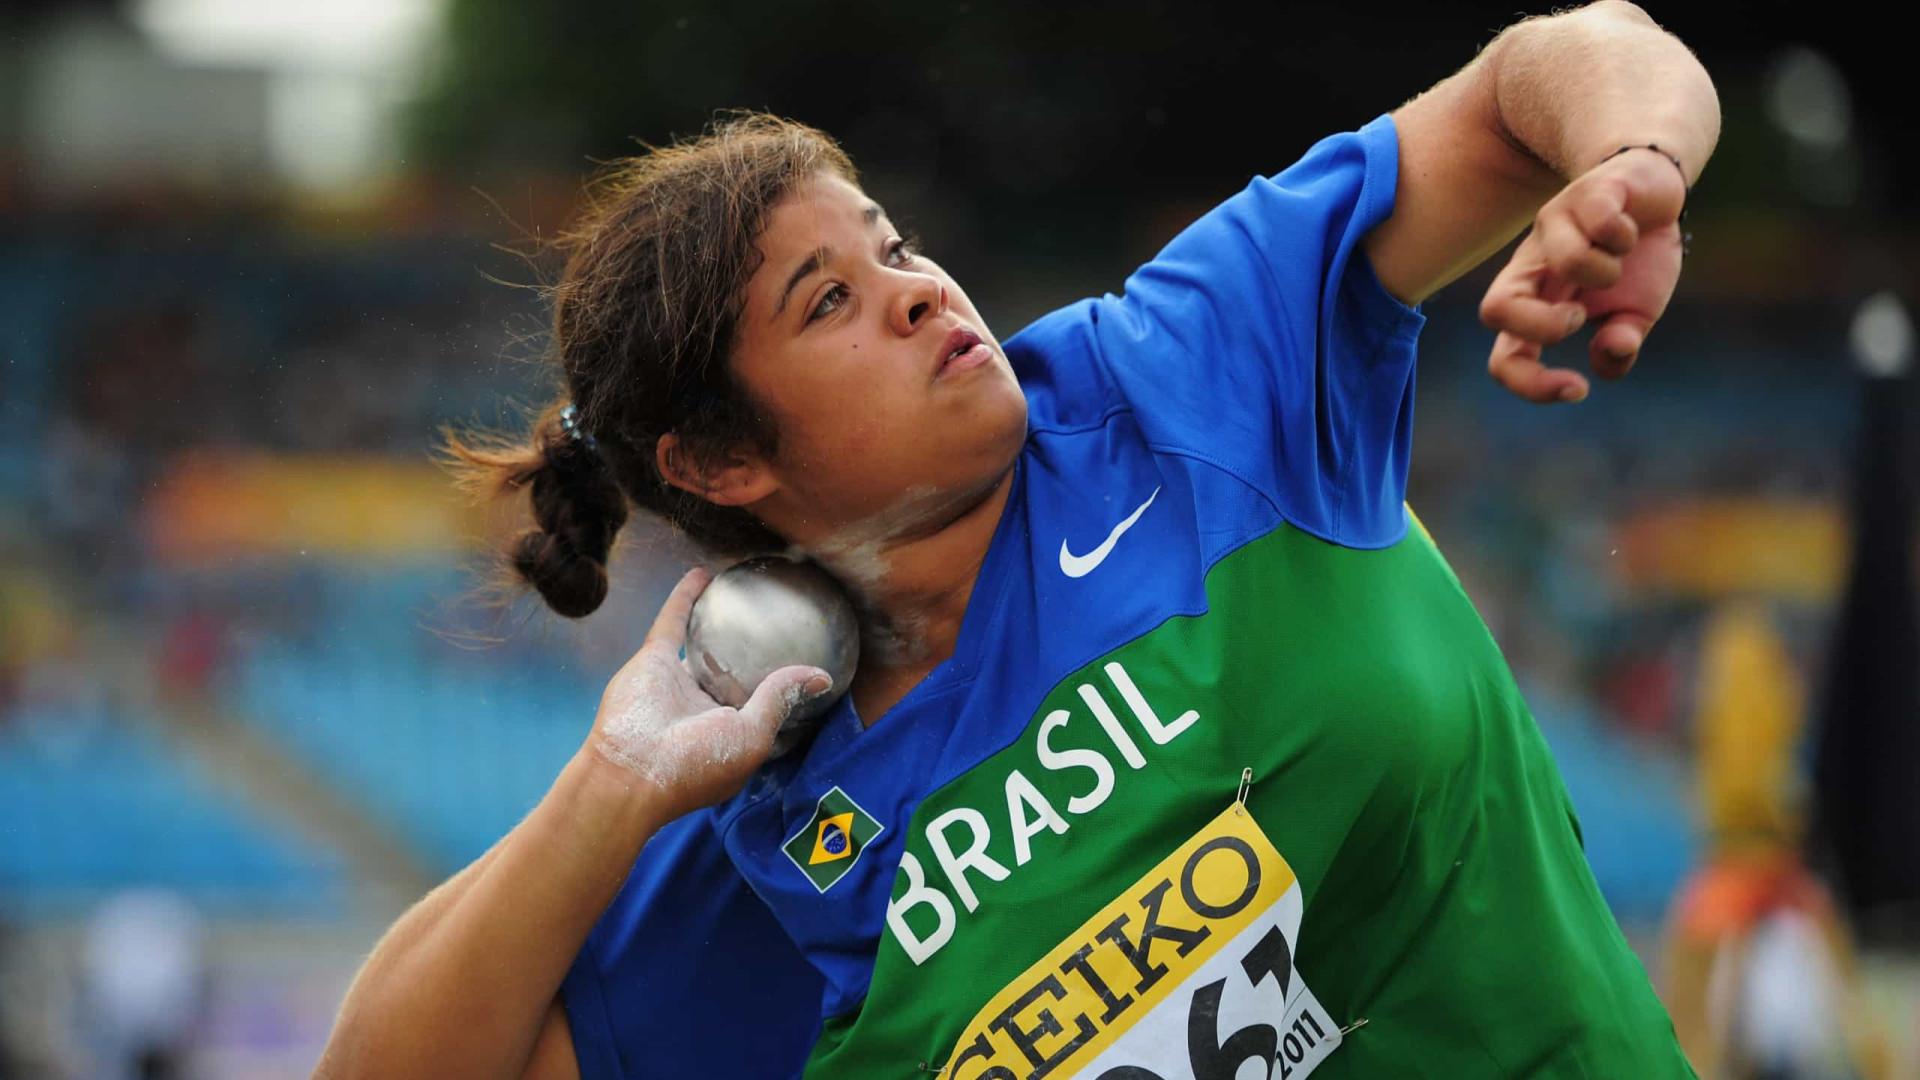 Izabela da Silva está fora da final do lançamento de disco dos Jogos Olímpicos